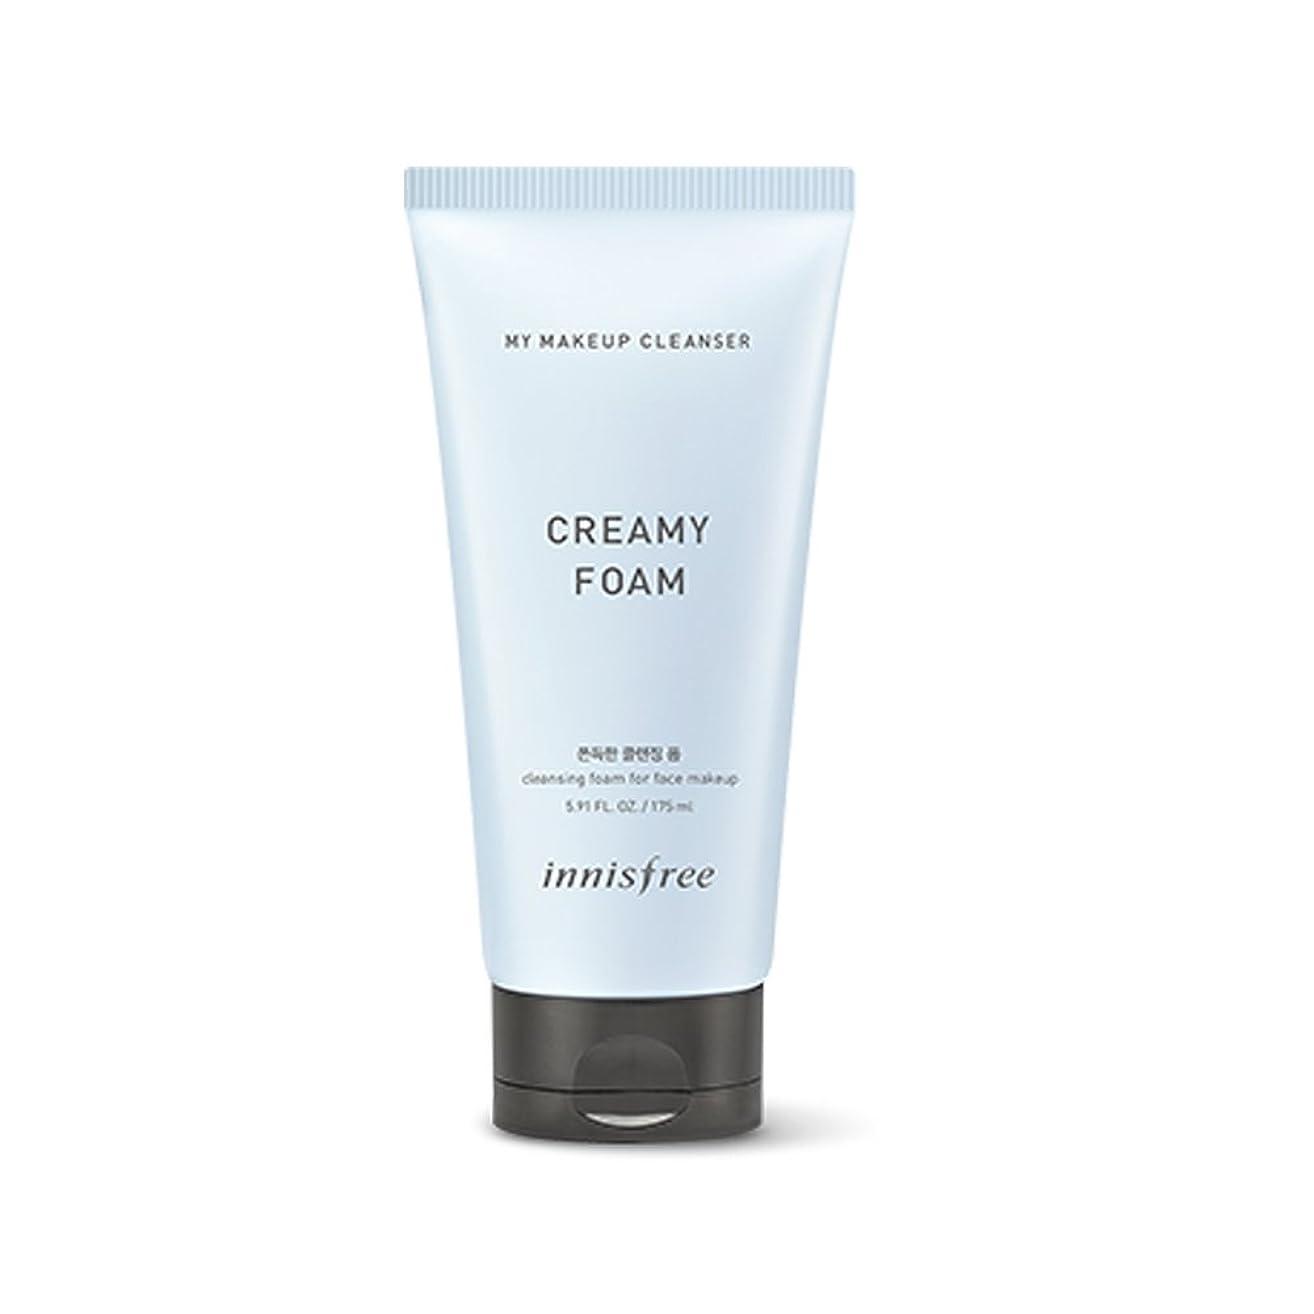 足ホース契約イニスフリーマイメイクアップクレンザー - クリームフォーム175ml Innisfree My Makeup Cleanser - Creamy Form 175ml [海外直送品][並行輸入品]